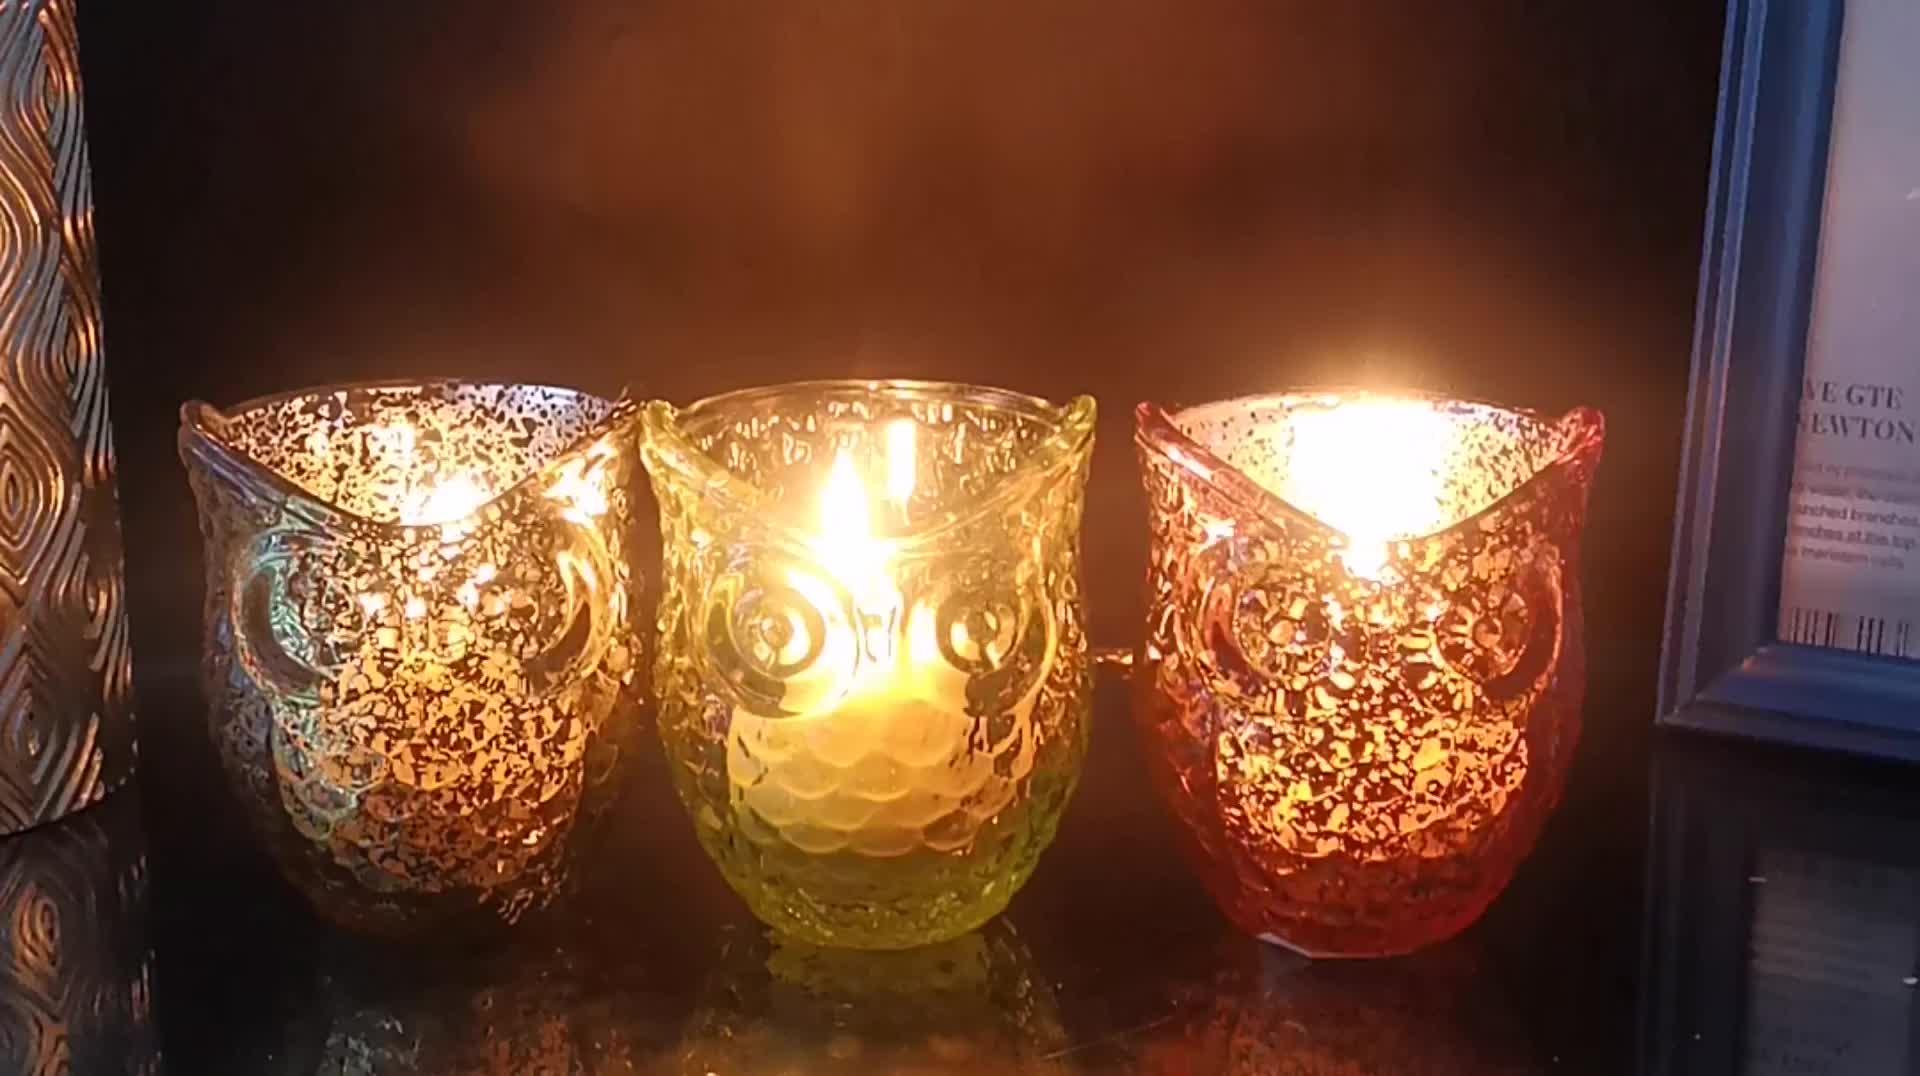 Modern Tasarım Şeffaf cam vative Ev Dekorasyonu mum lamba Fener Yıldız Tealight cam mumluklar